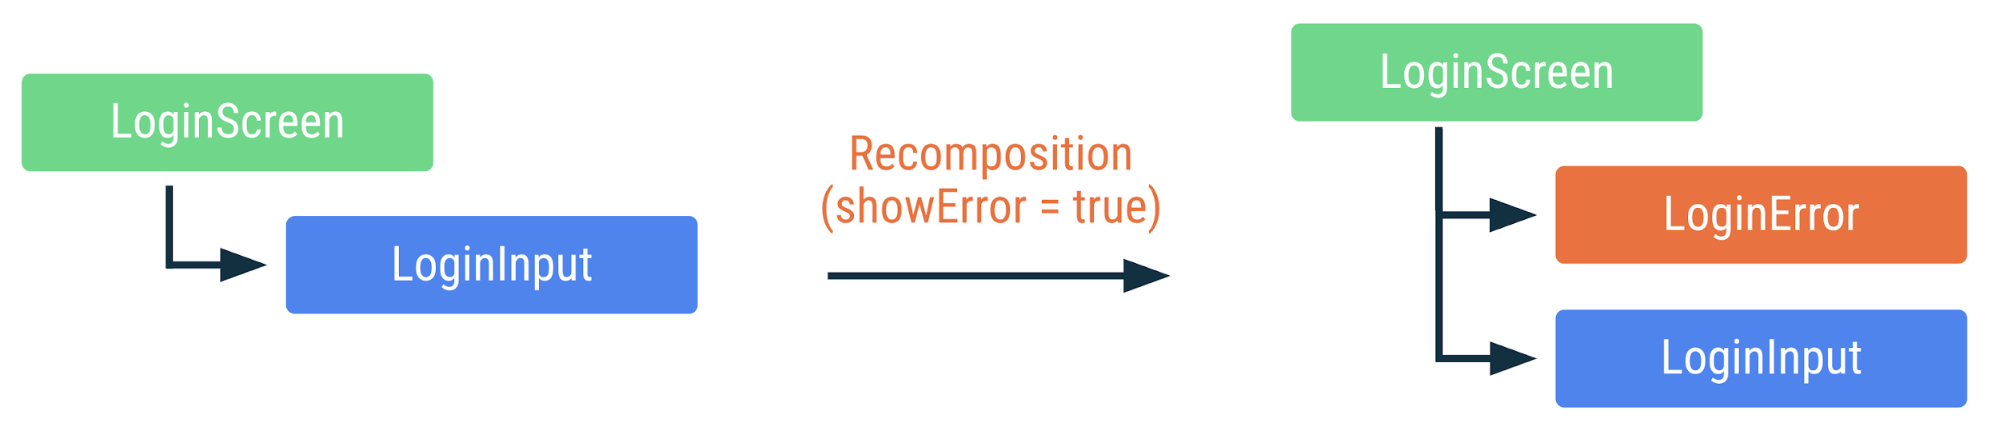 showError フラグが true に変更された場合に上記のコードがどのように再コンポーズされるかを示す図。LoginError コンポーザブルは追加されますが、その他のコンポーザブルは再コンポーズされません。